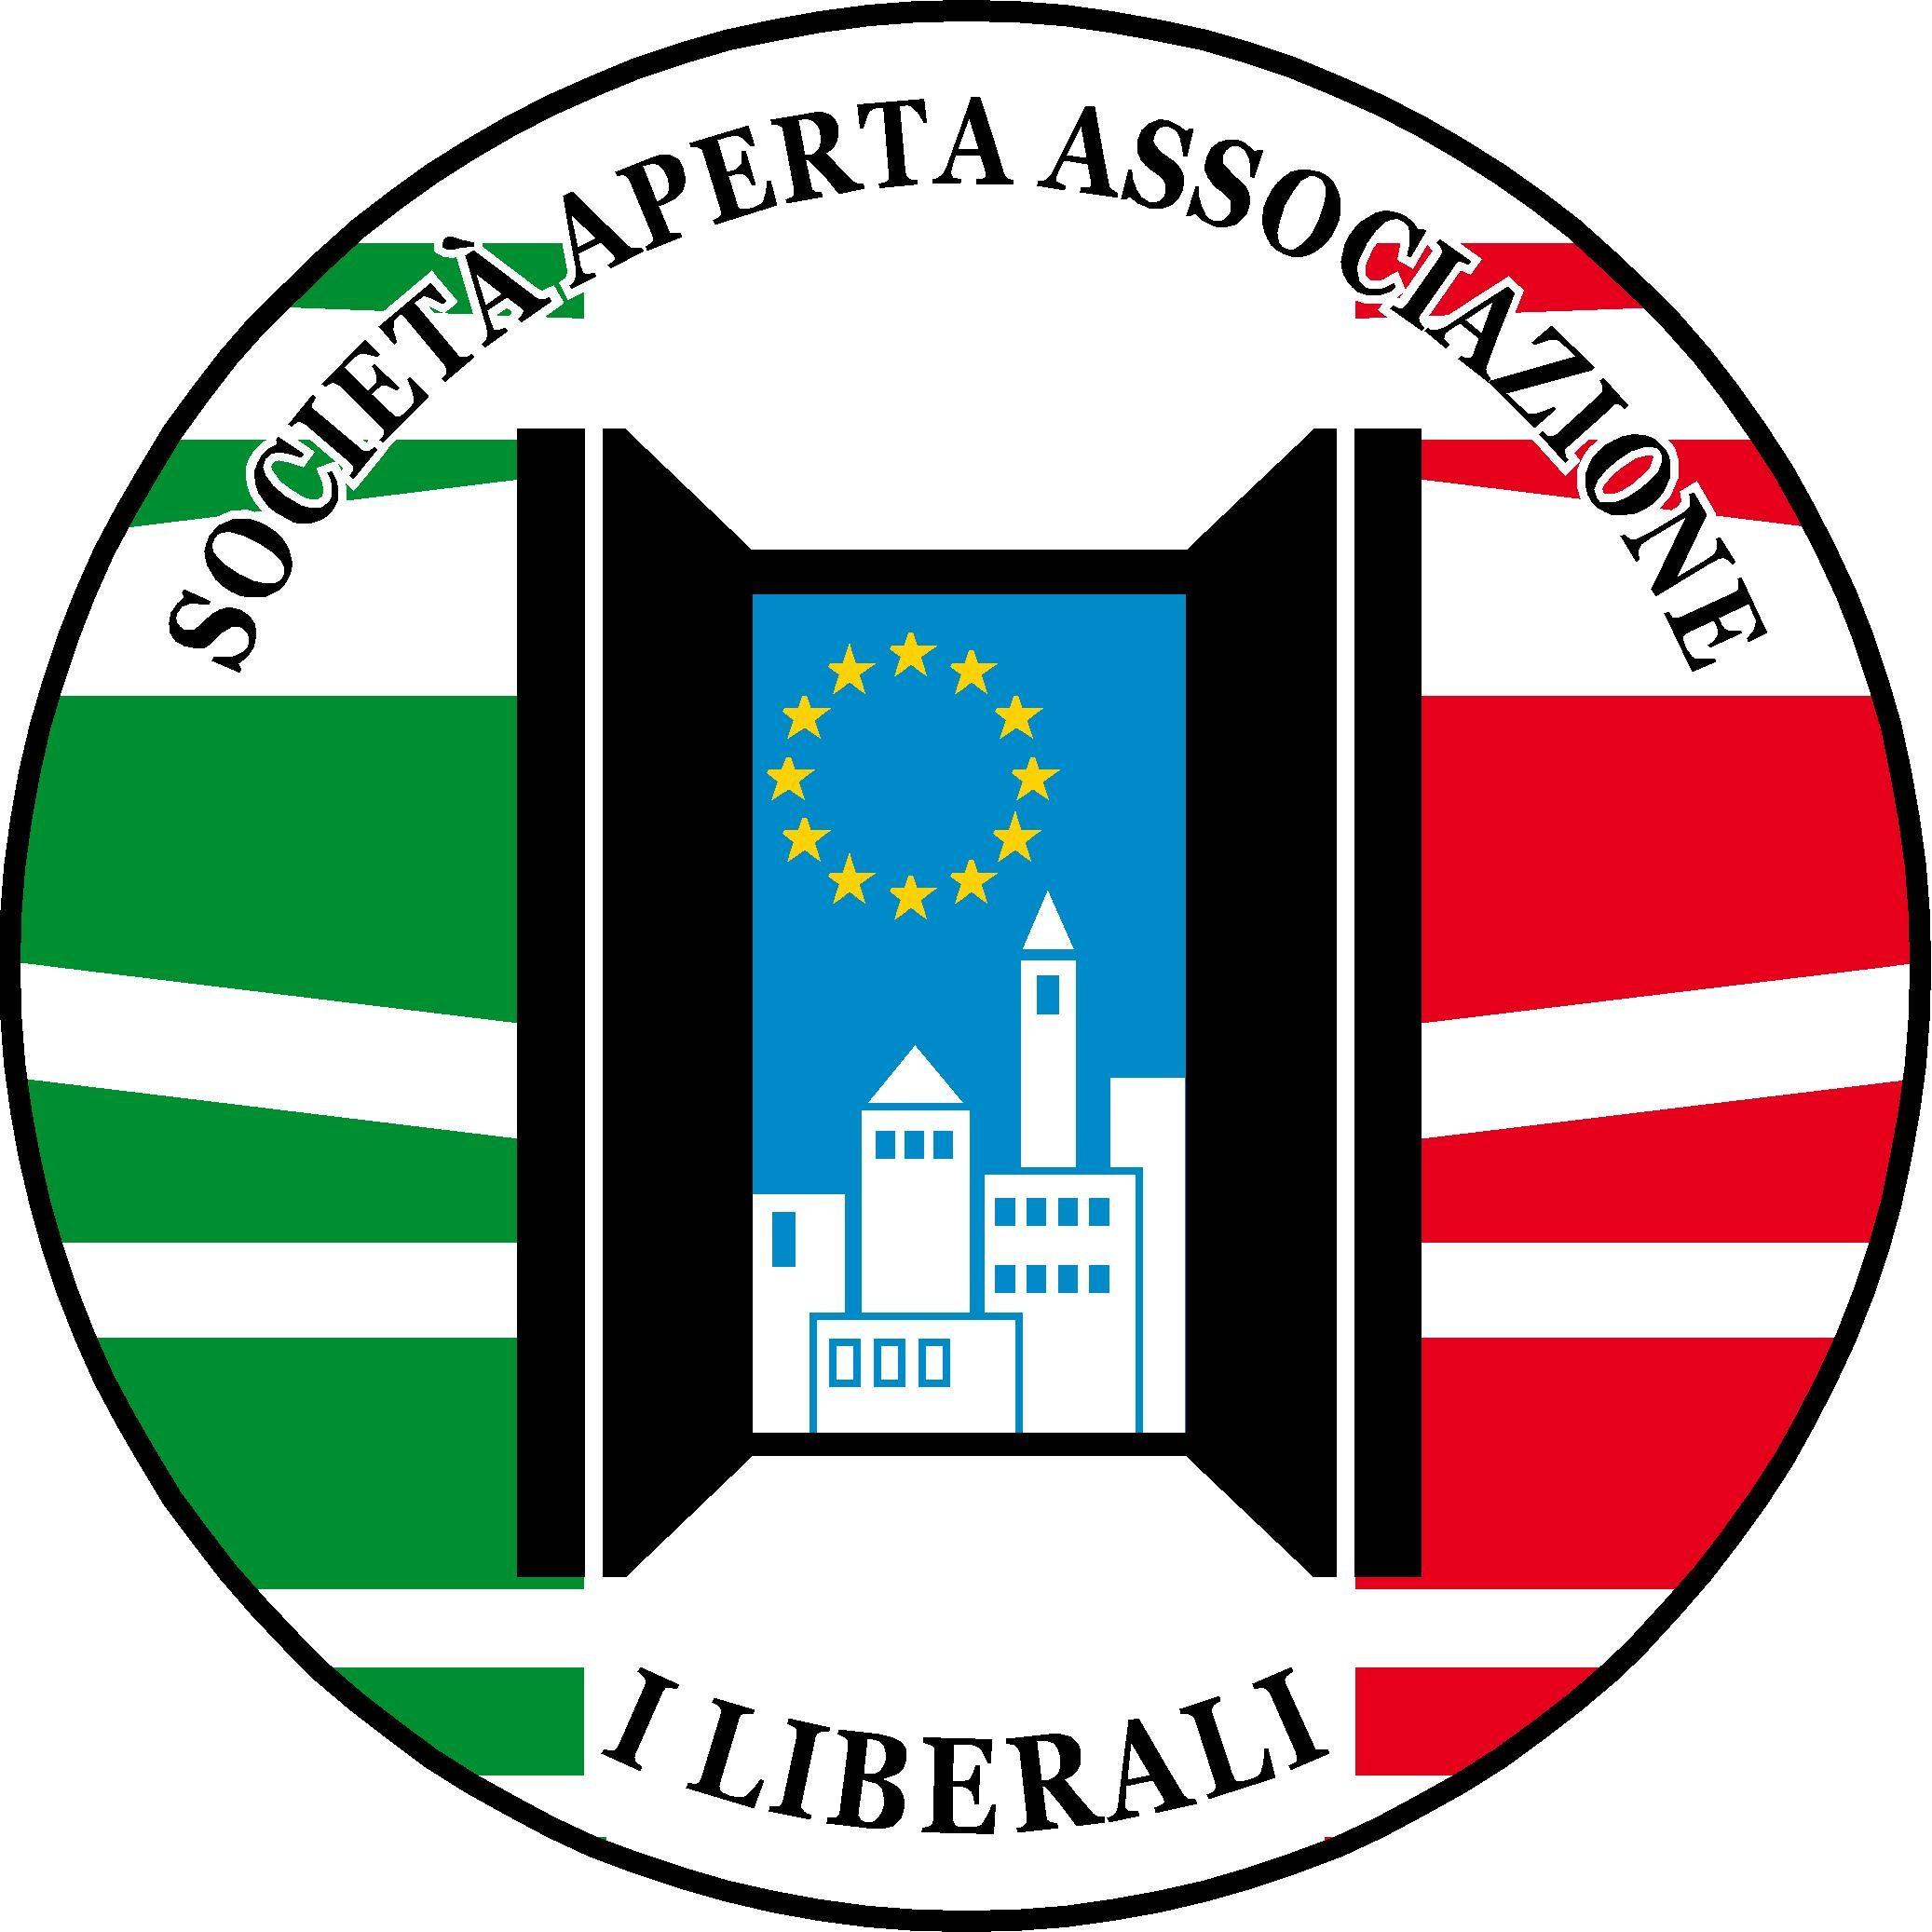 Società Aperta Associazione